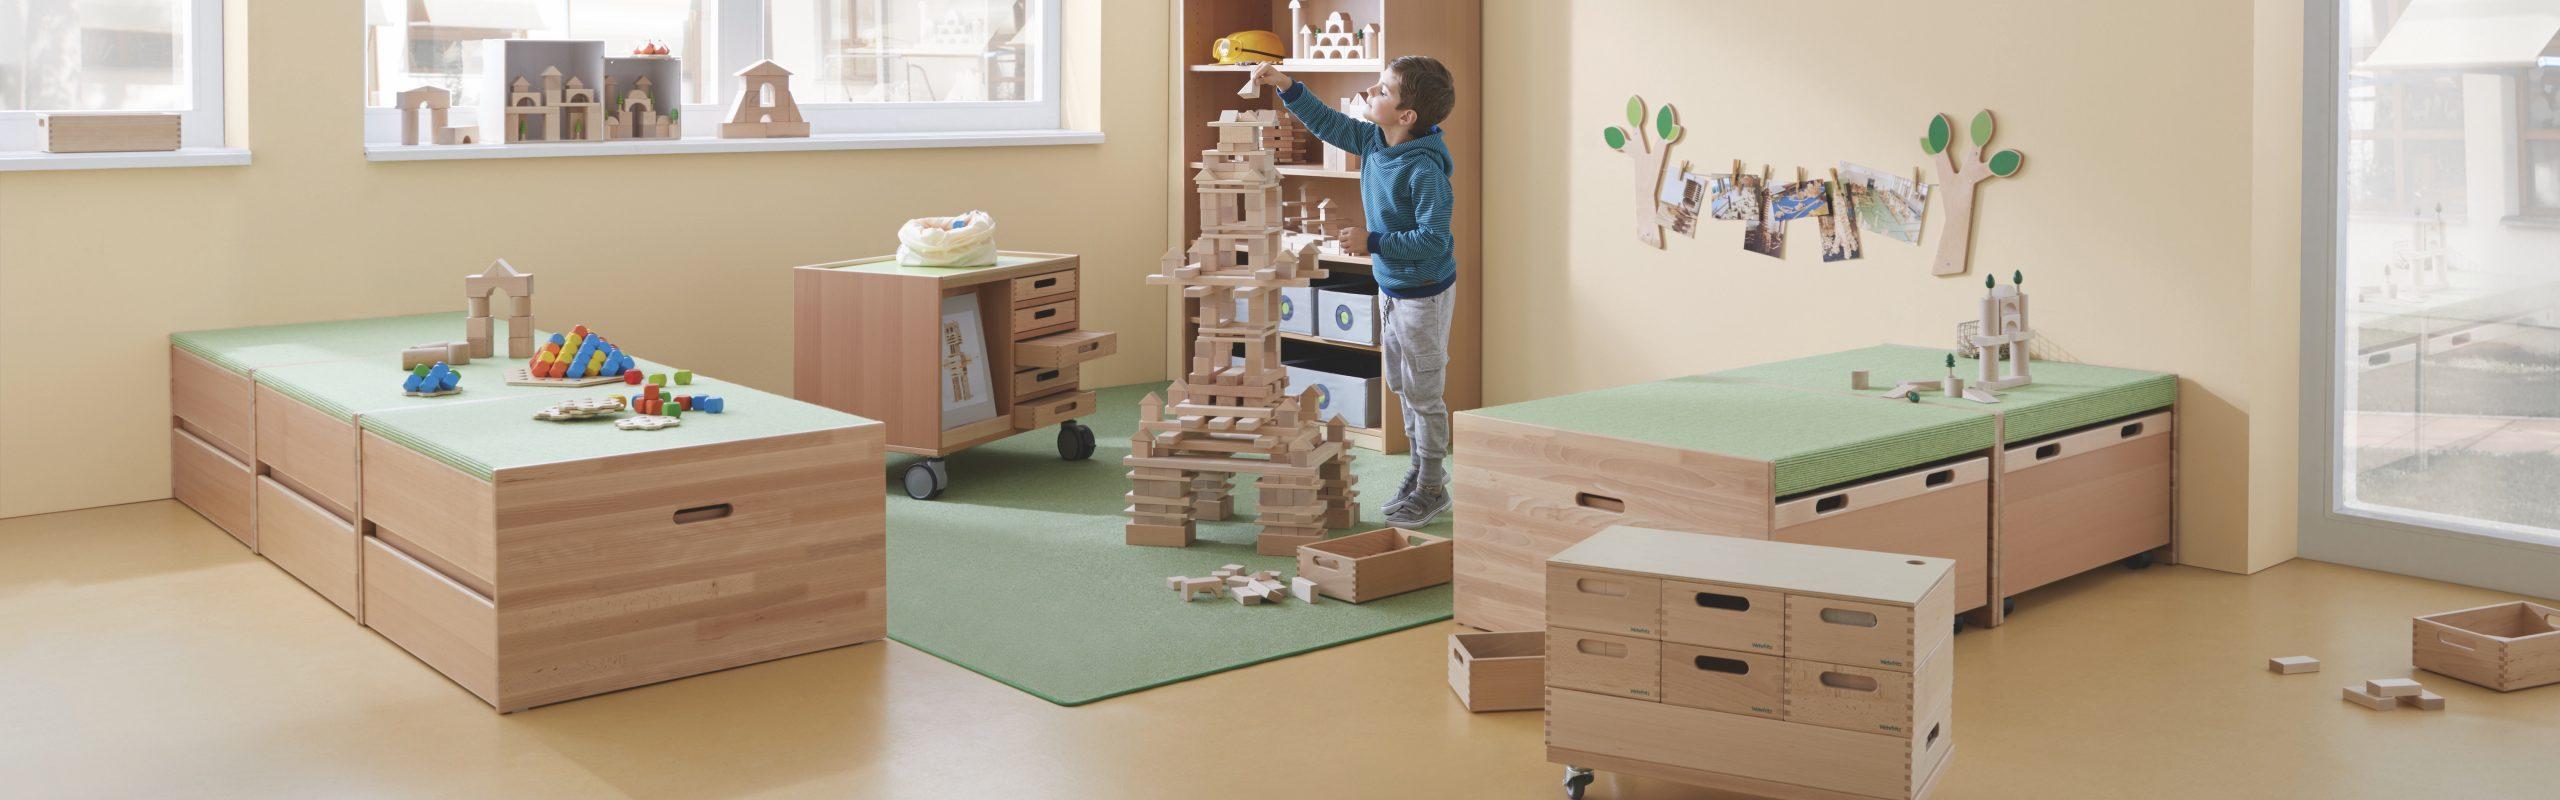 meubels voor de kinderopvang